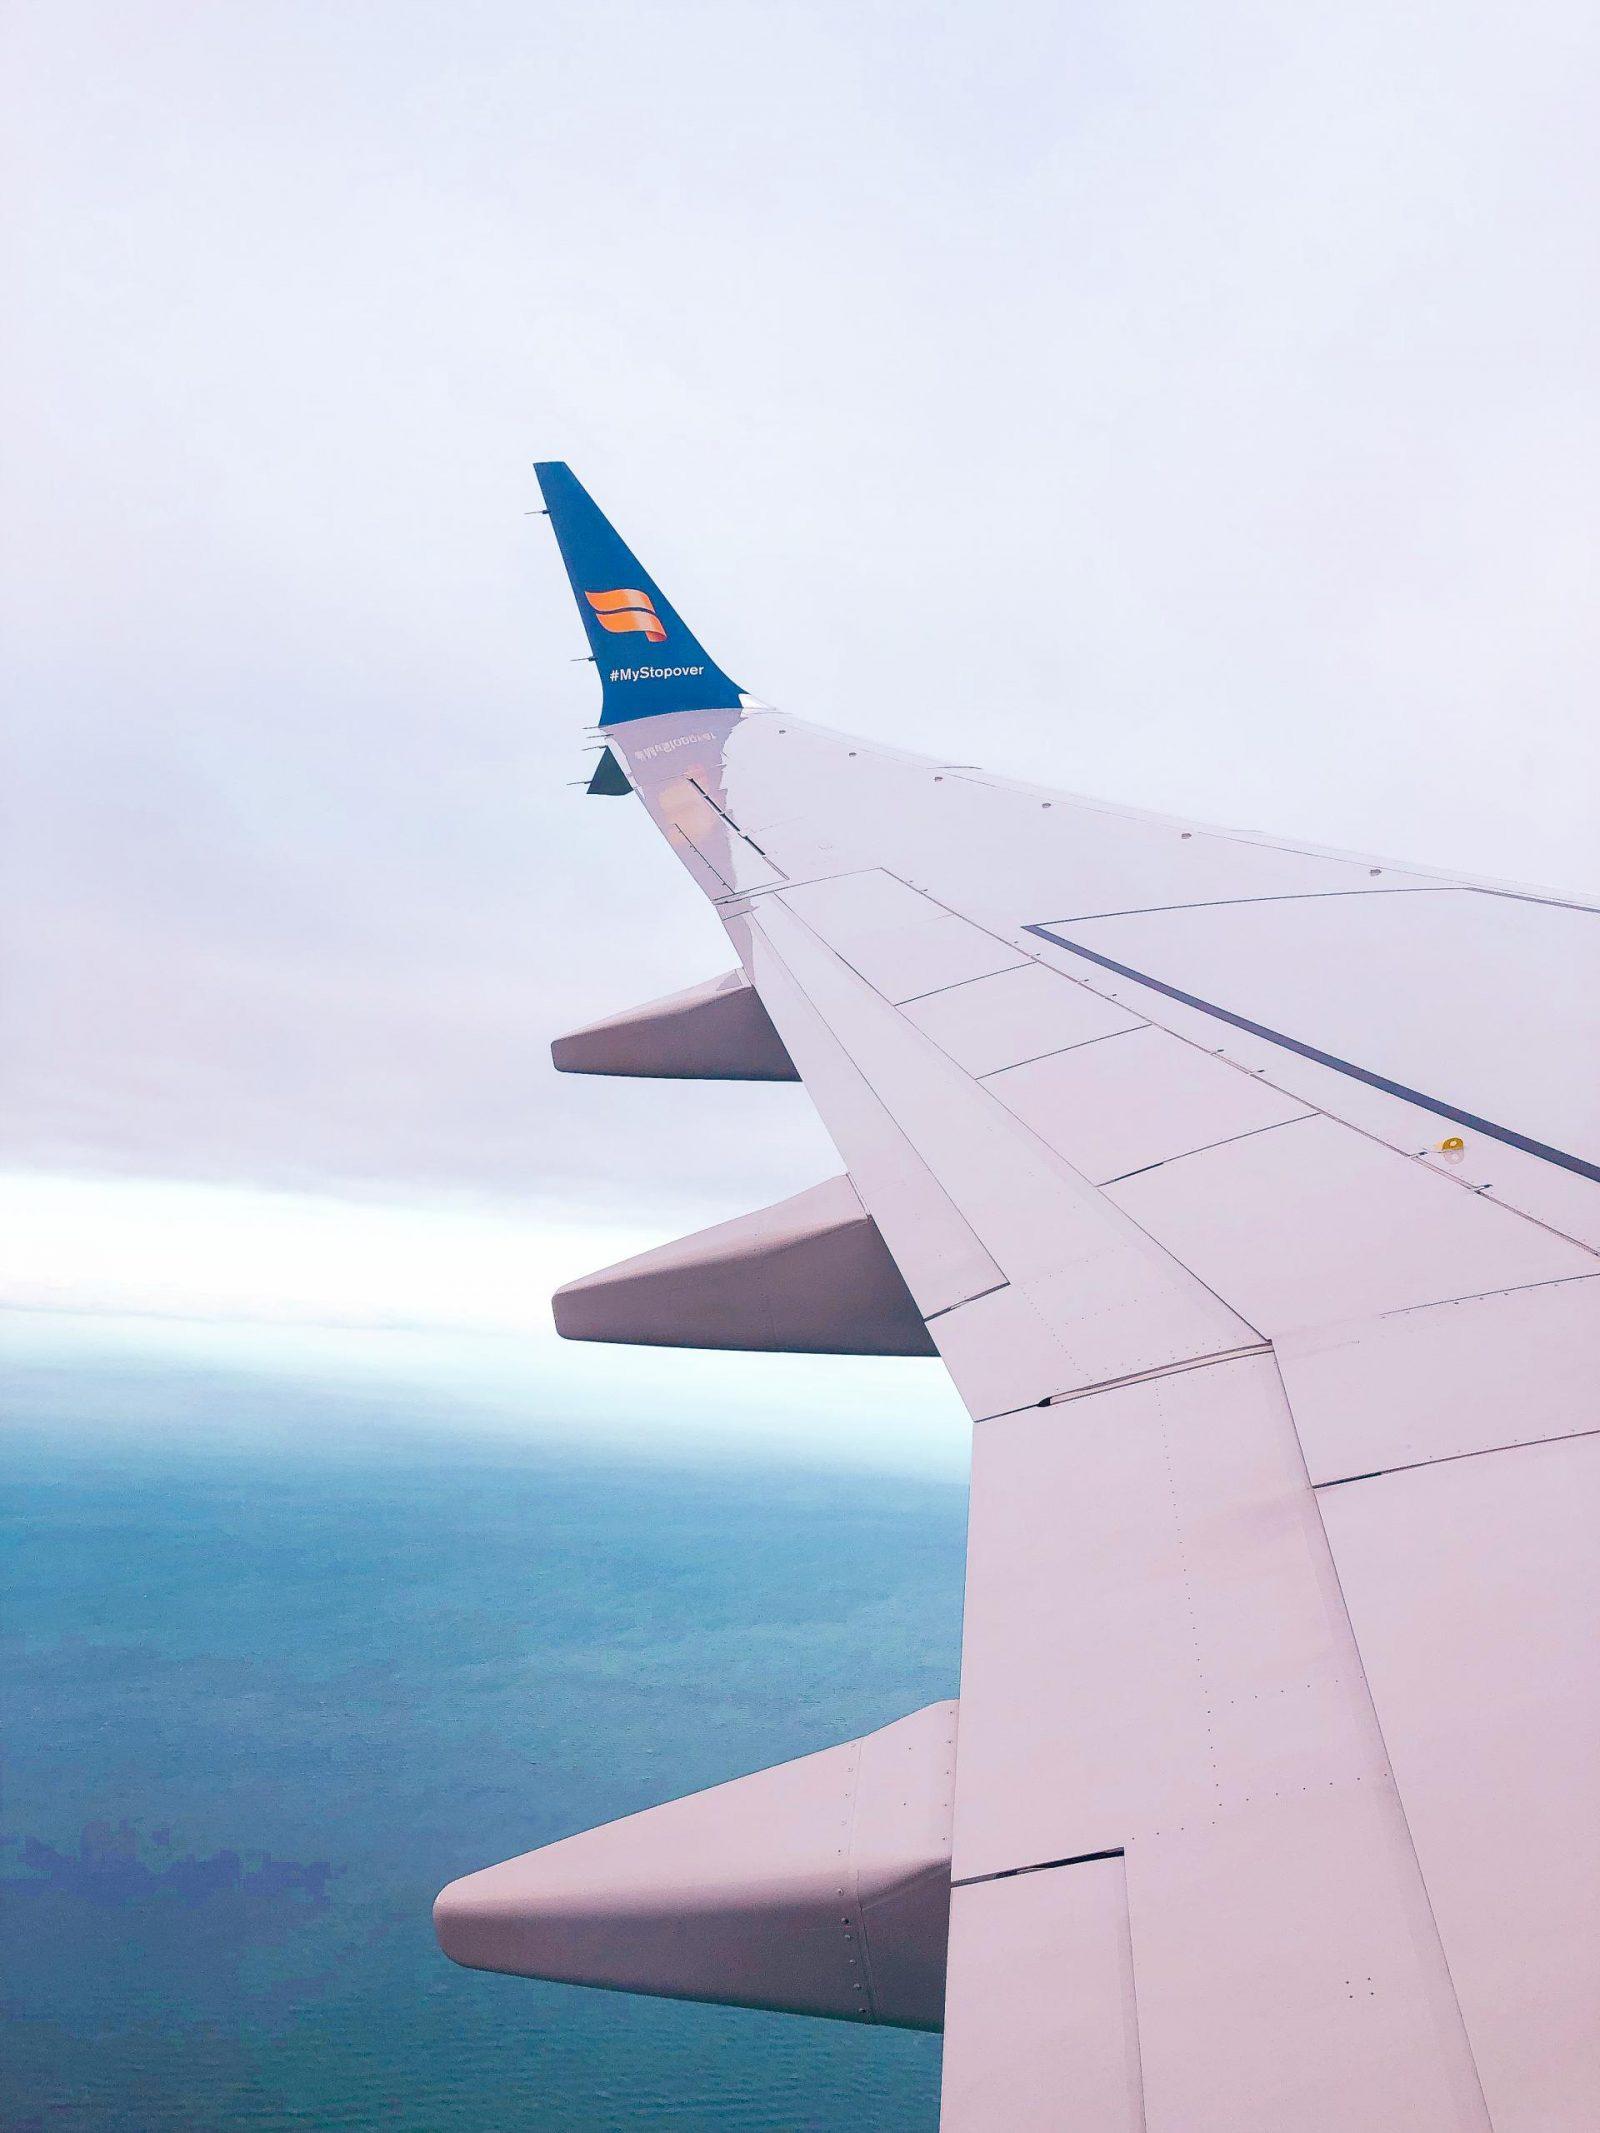 Icelandair flight to Reykjavik